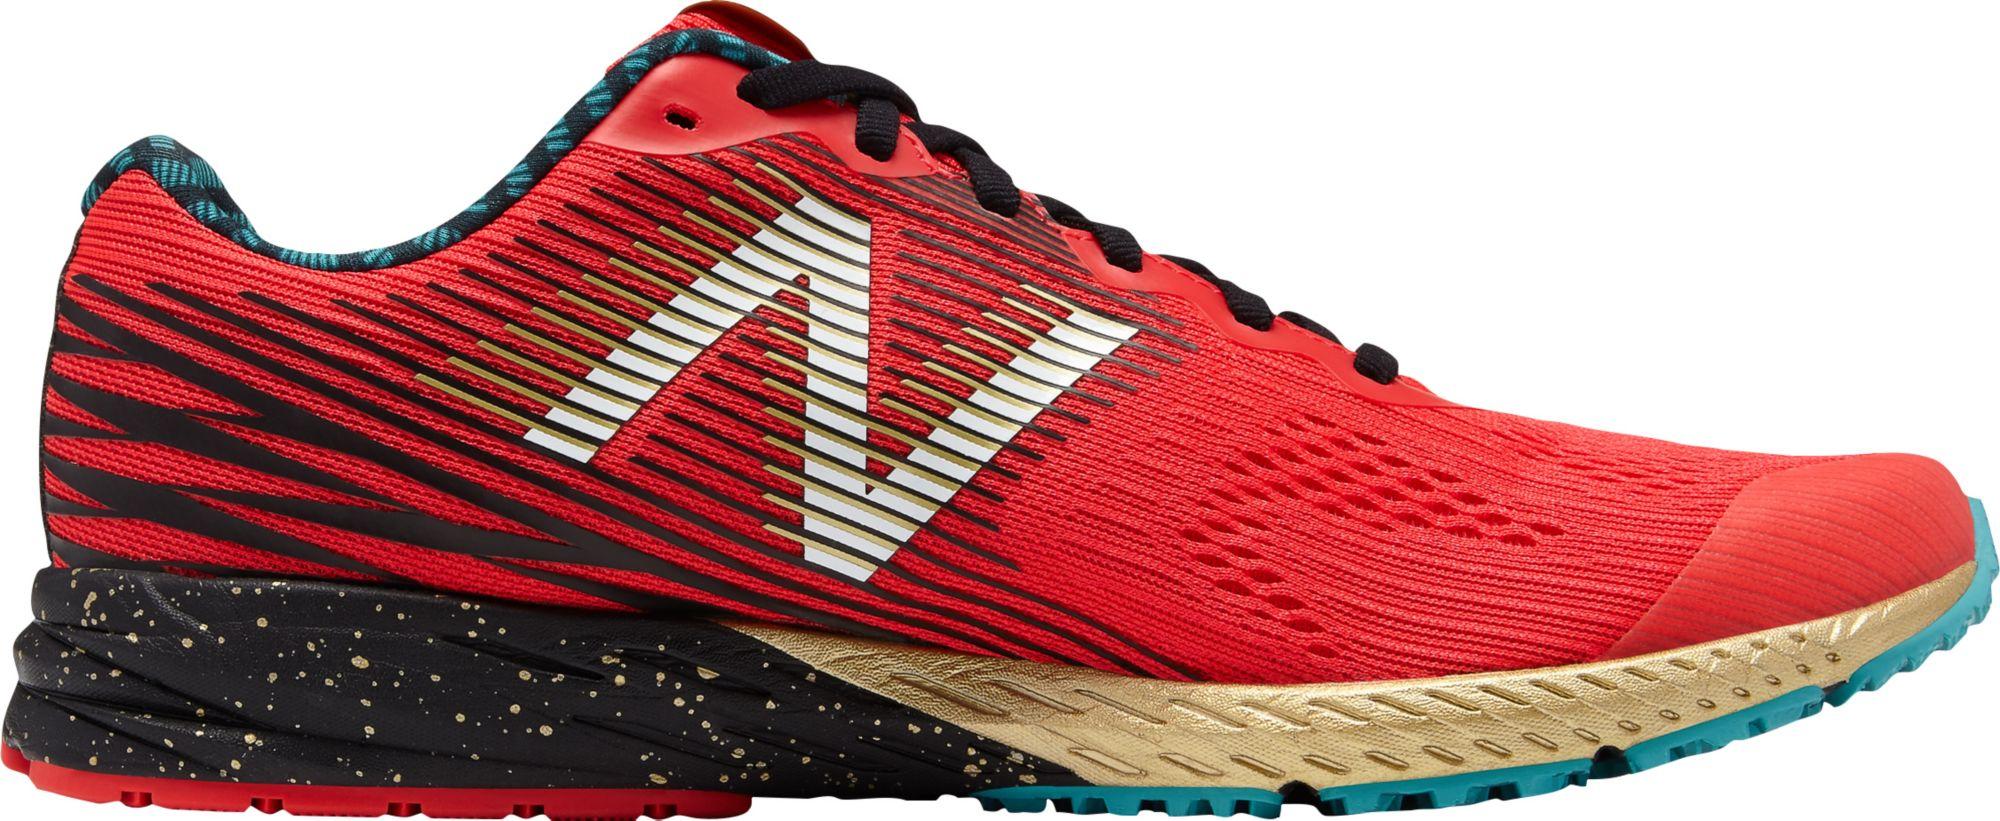 New Balance Men's Shoes M1400 D NY5 Size 7.5 US 4EzTvJ1B0